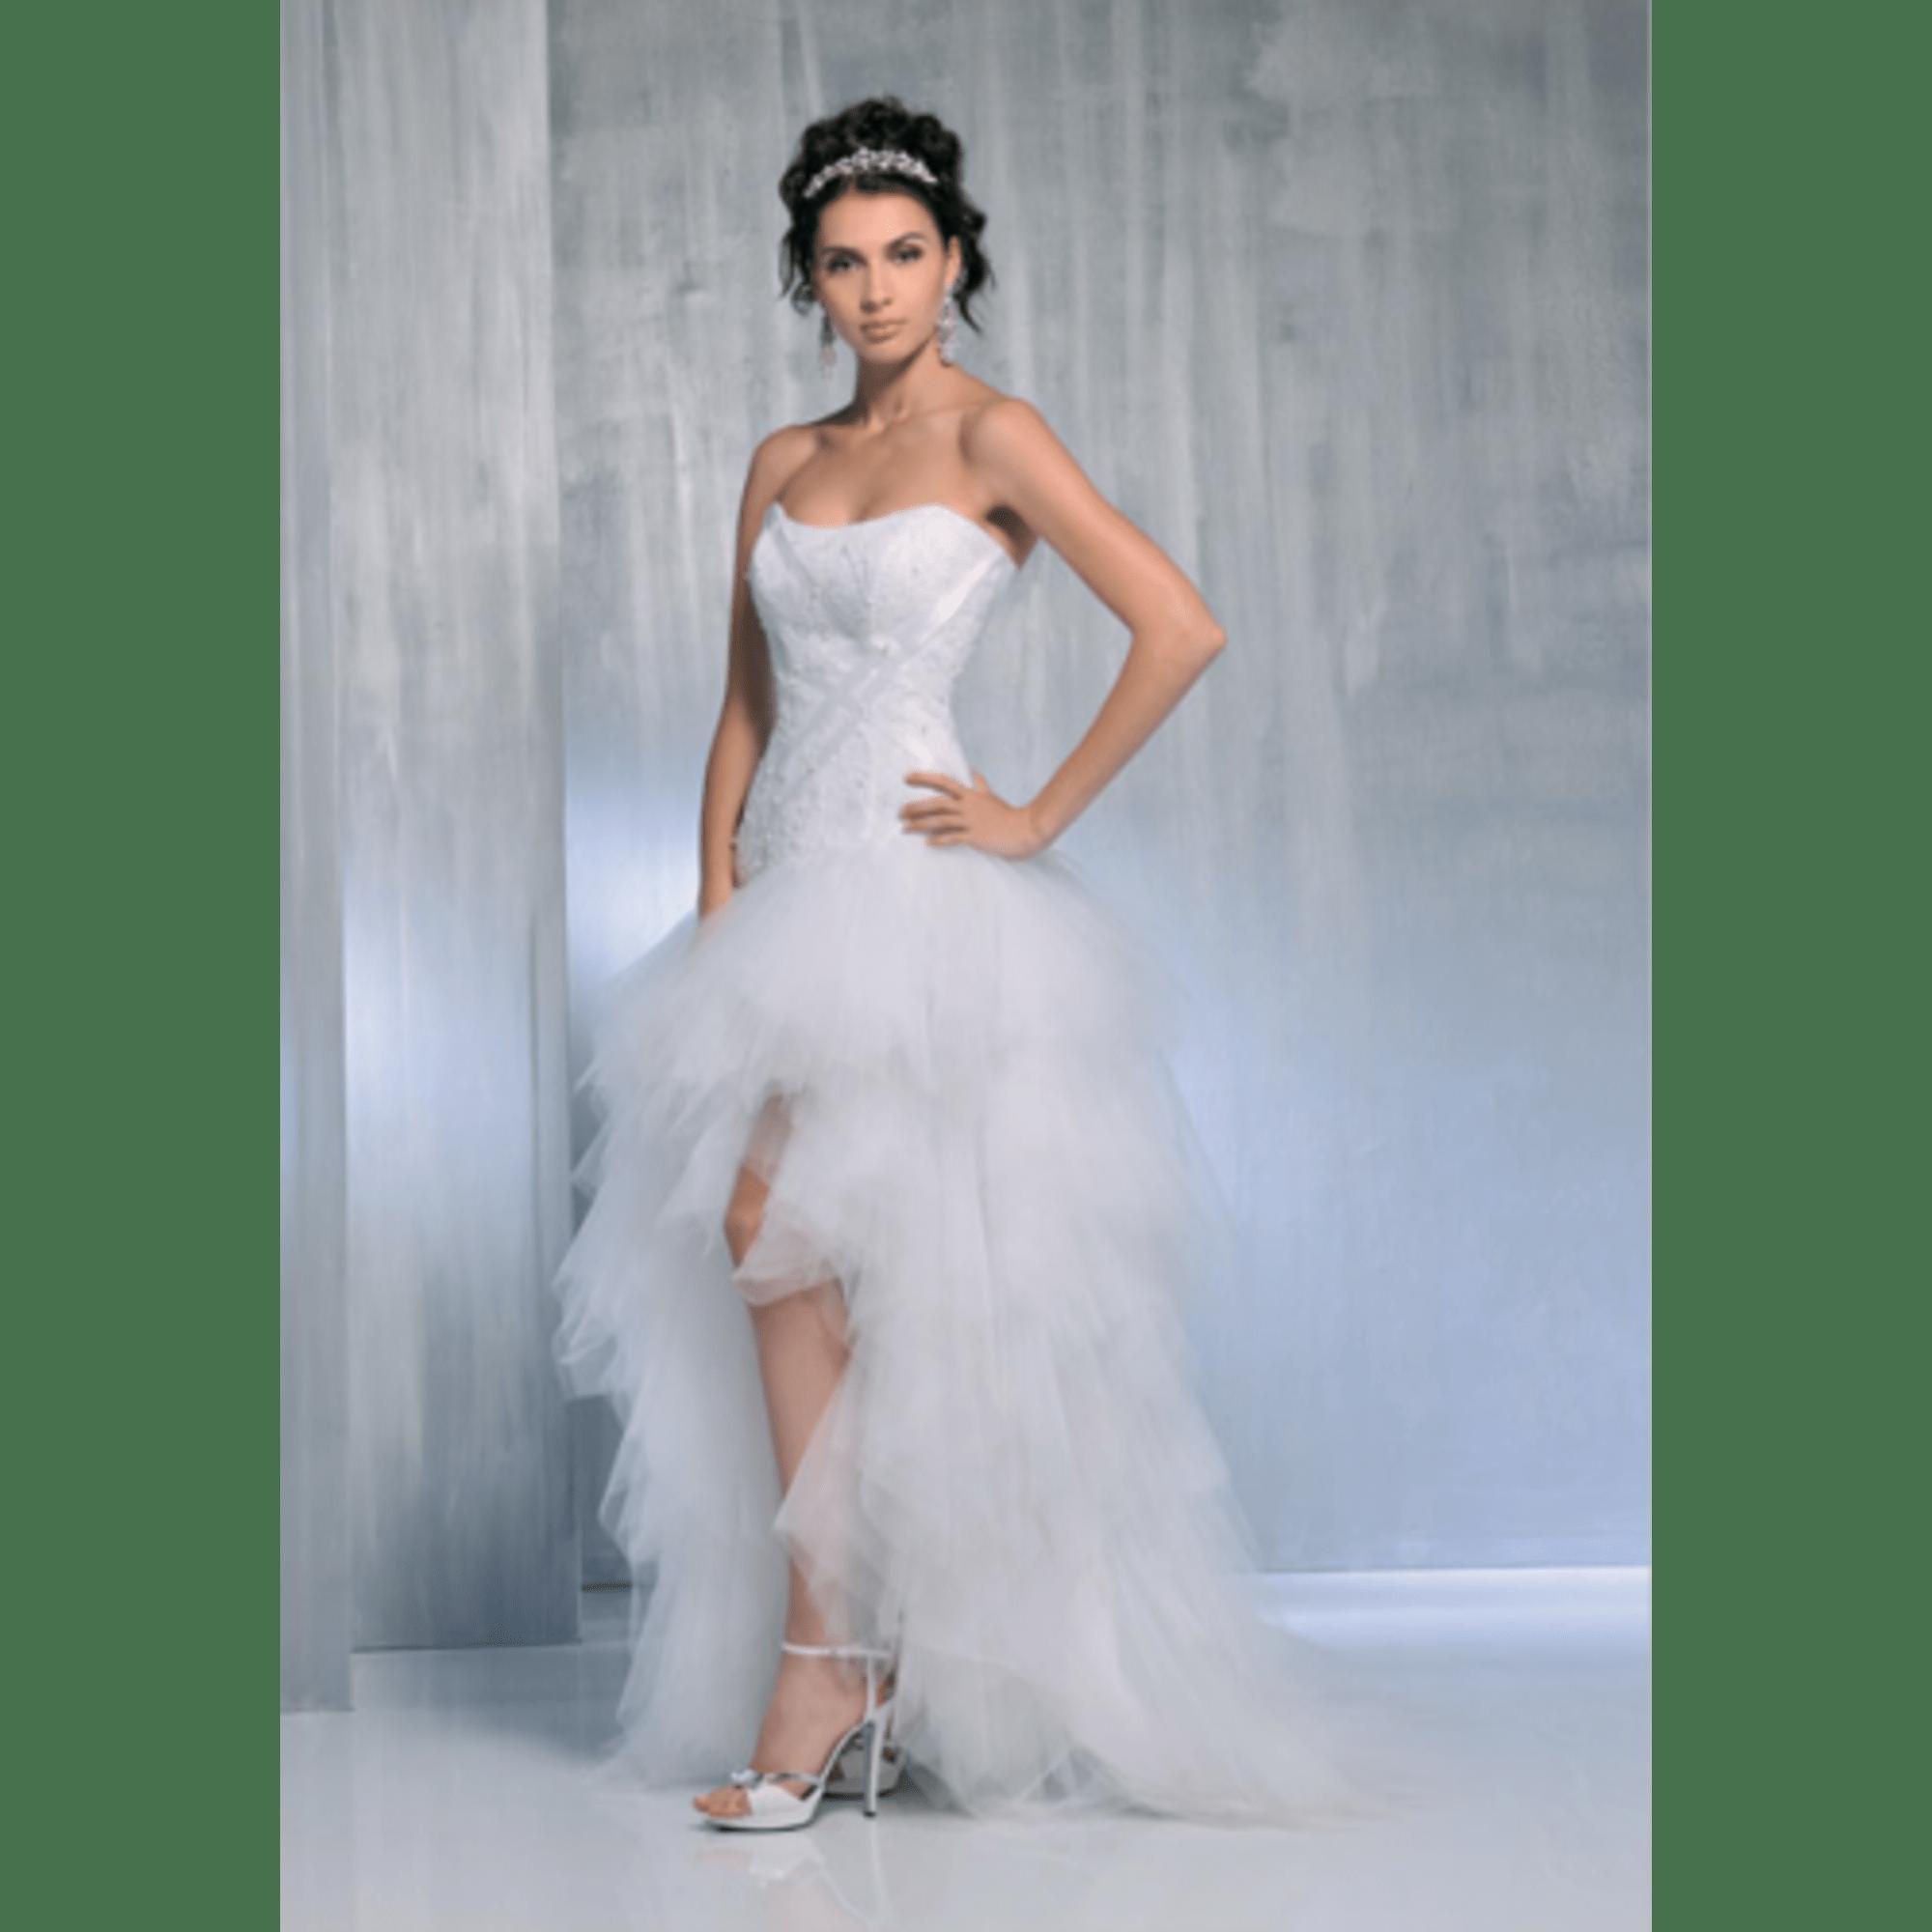 site réputé 89427 2cca5 Robe de mariée